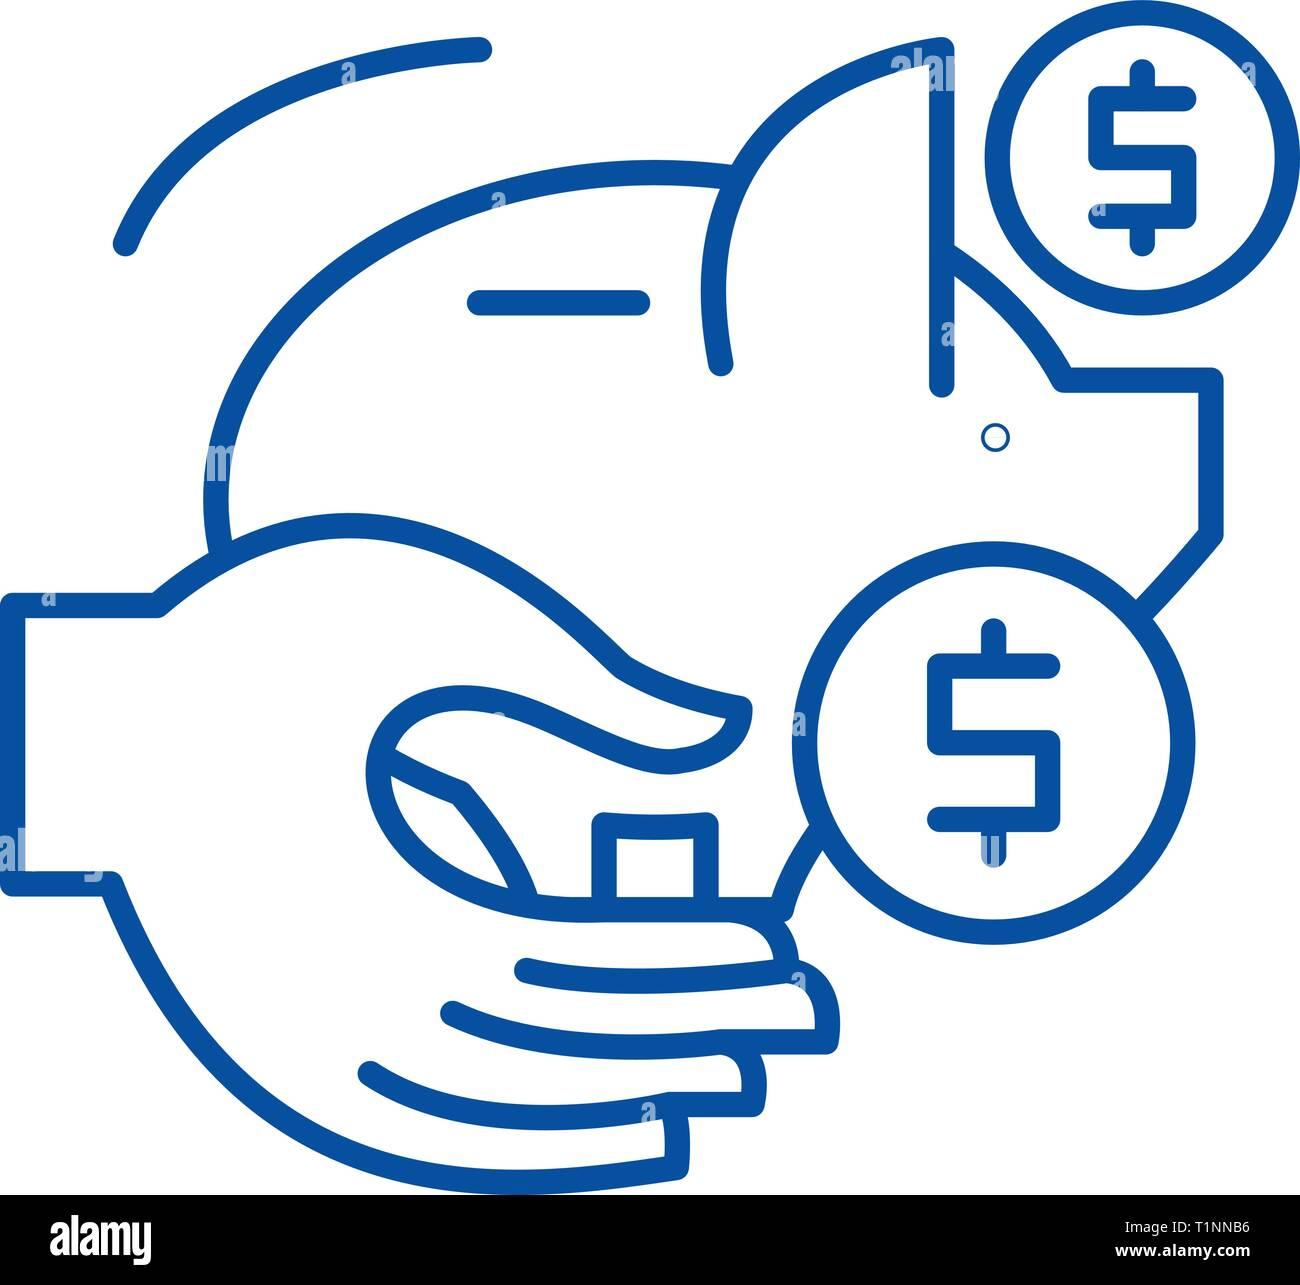 L'icône de la ligne d'épargne passive concept. Télévision épargne passive, signe, symbole vecteur illustration contour. Photo Stock